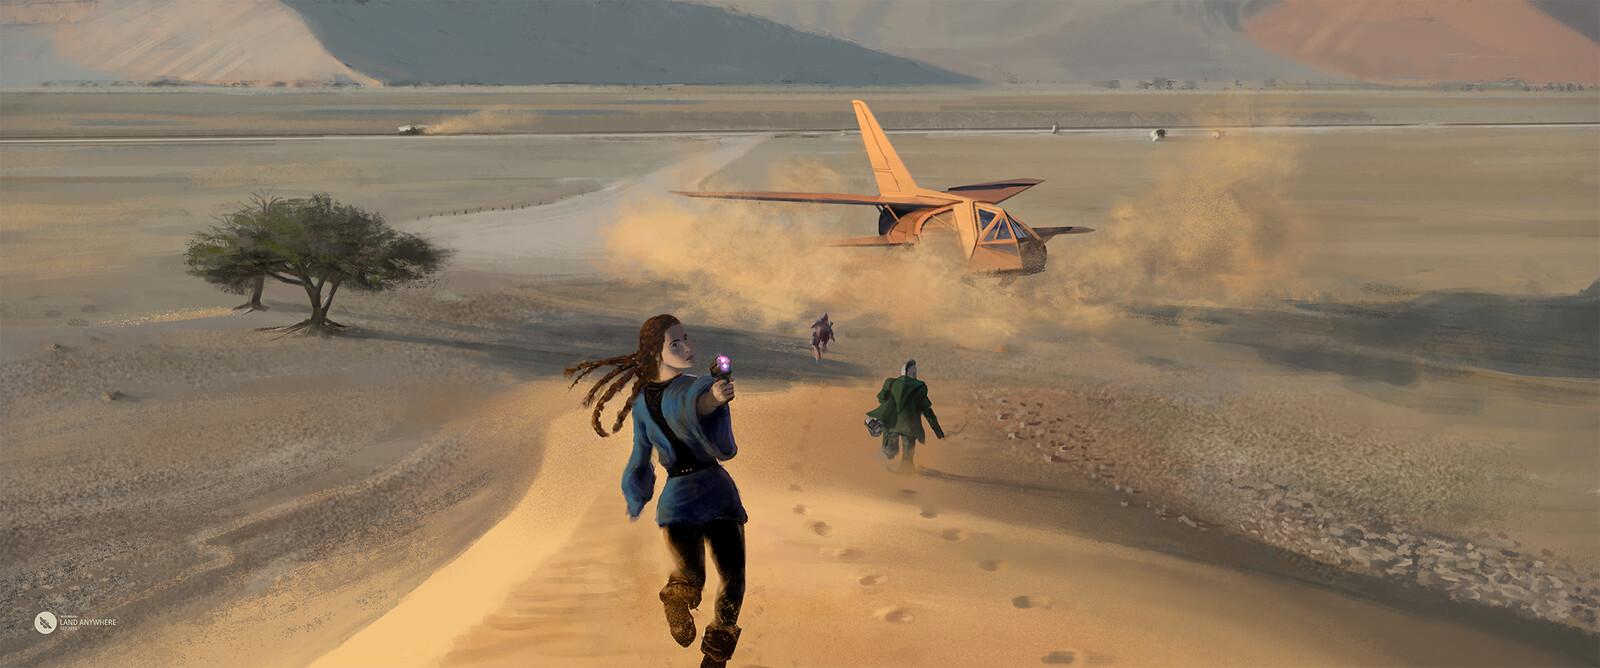 Xen's Mission